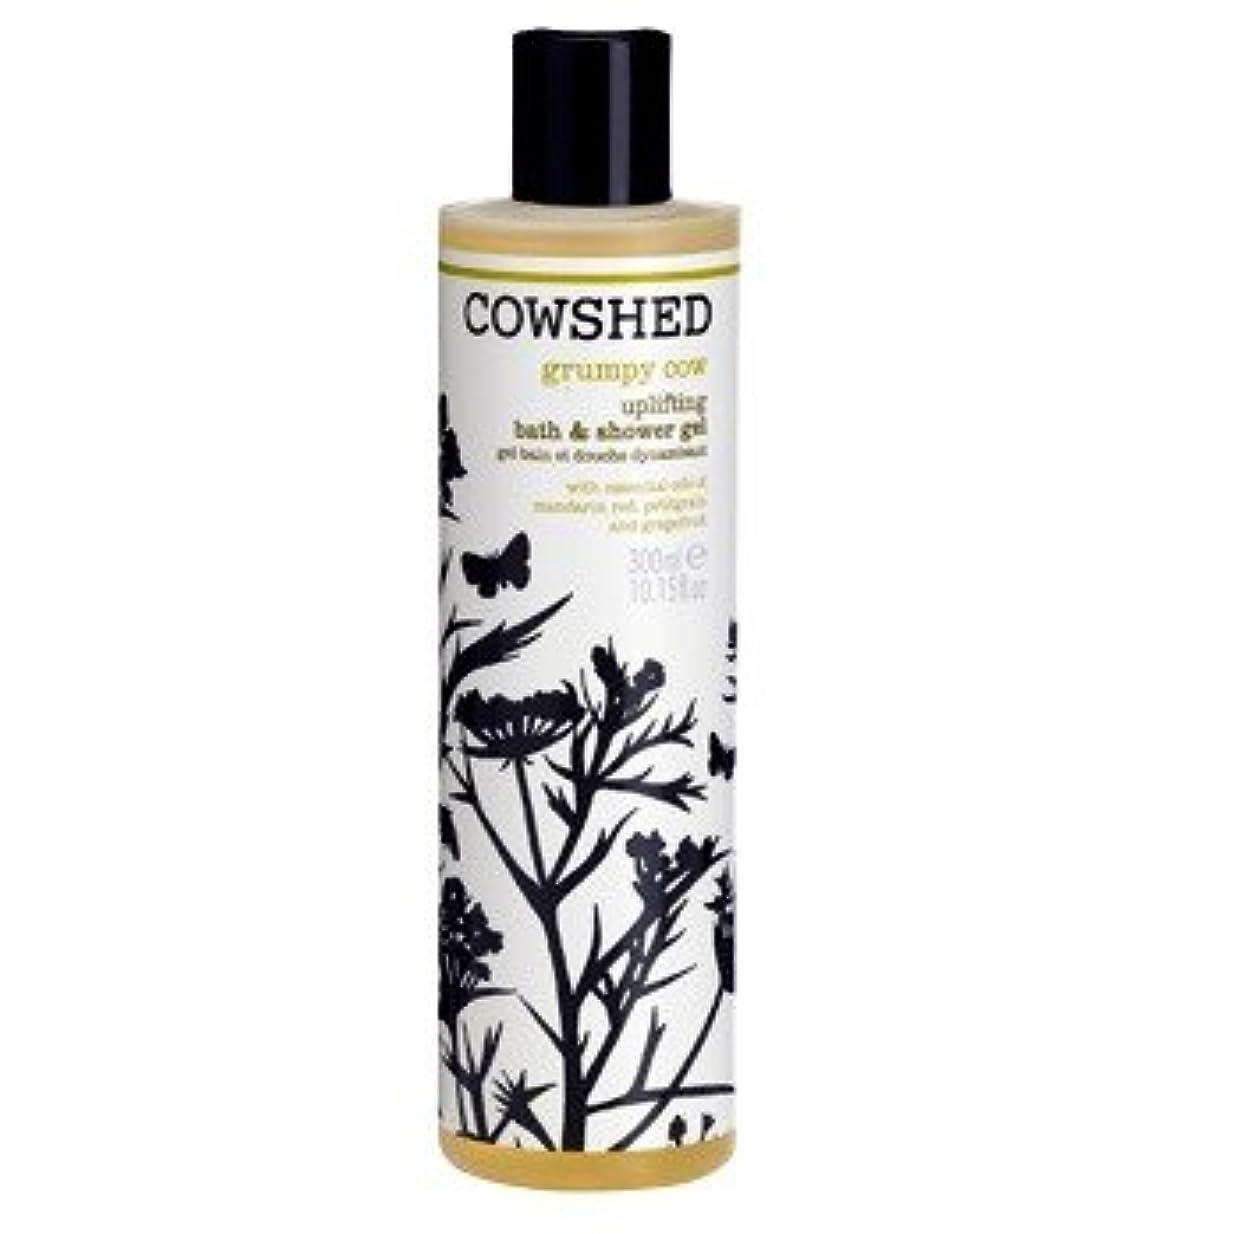 牛舎気難しい牛高揚バス&シャワージェル300ミリリットル (Cowshed) - Cowshed Grumpy Cow Uplifting Bath & Shower Gel 300ml [並行輸入品]